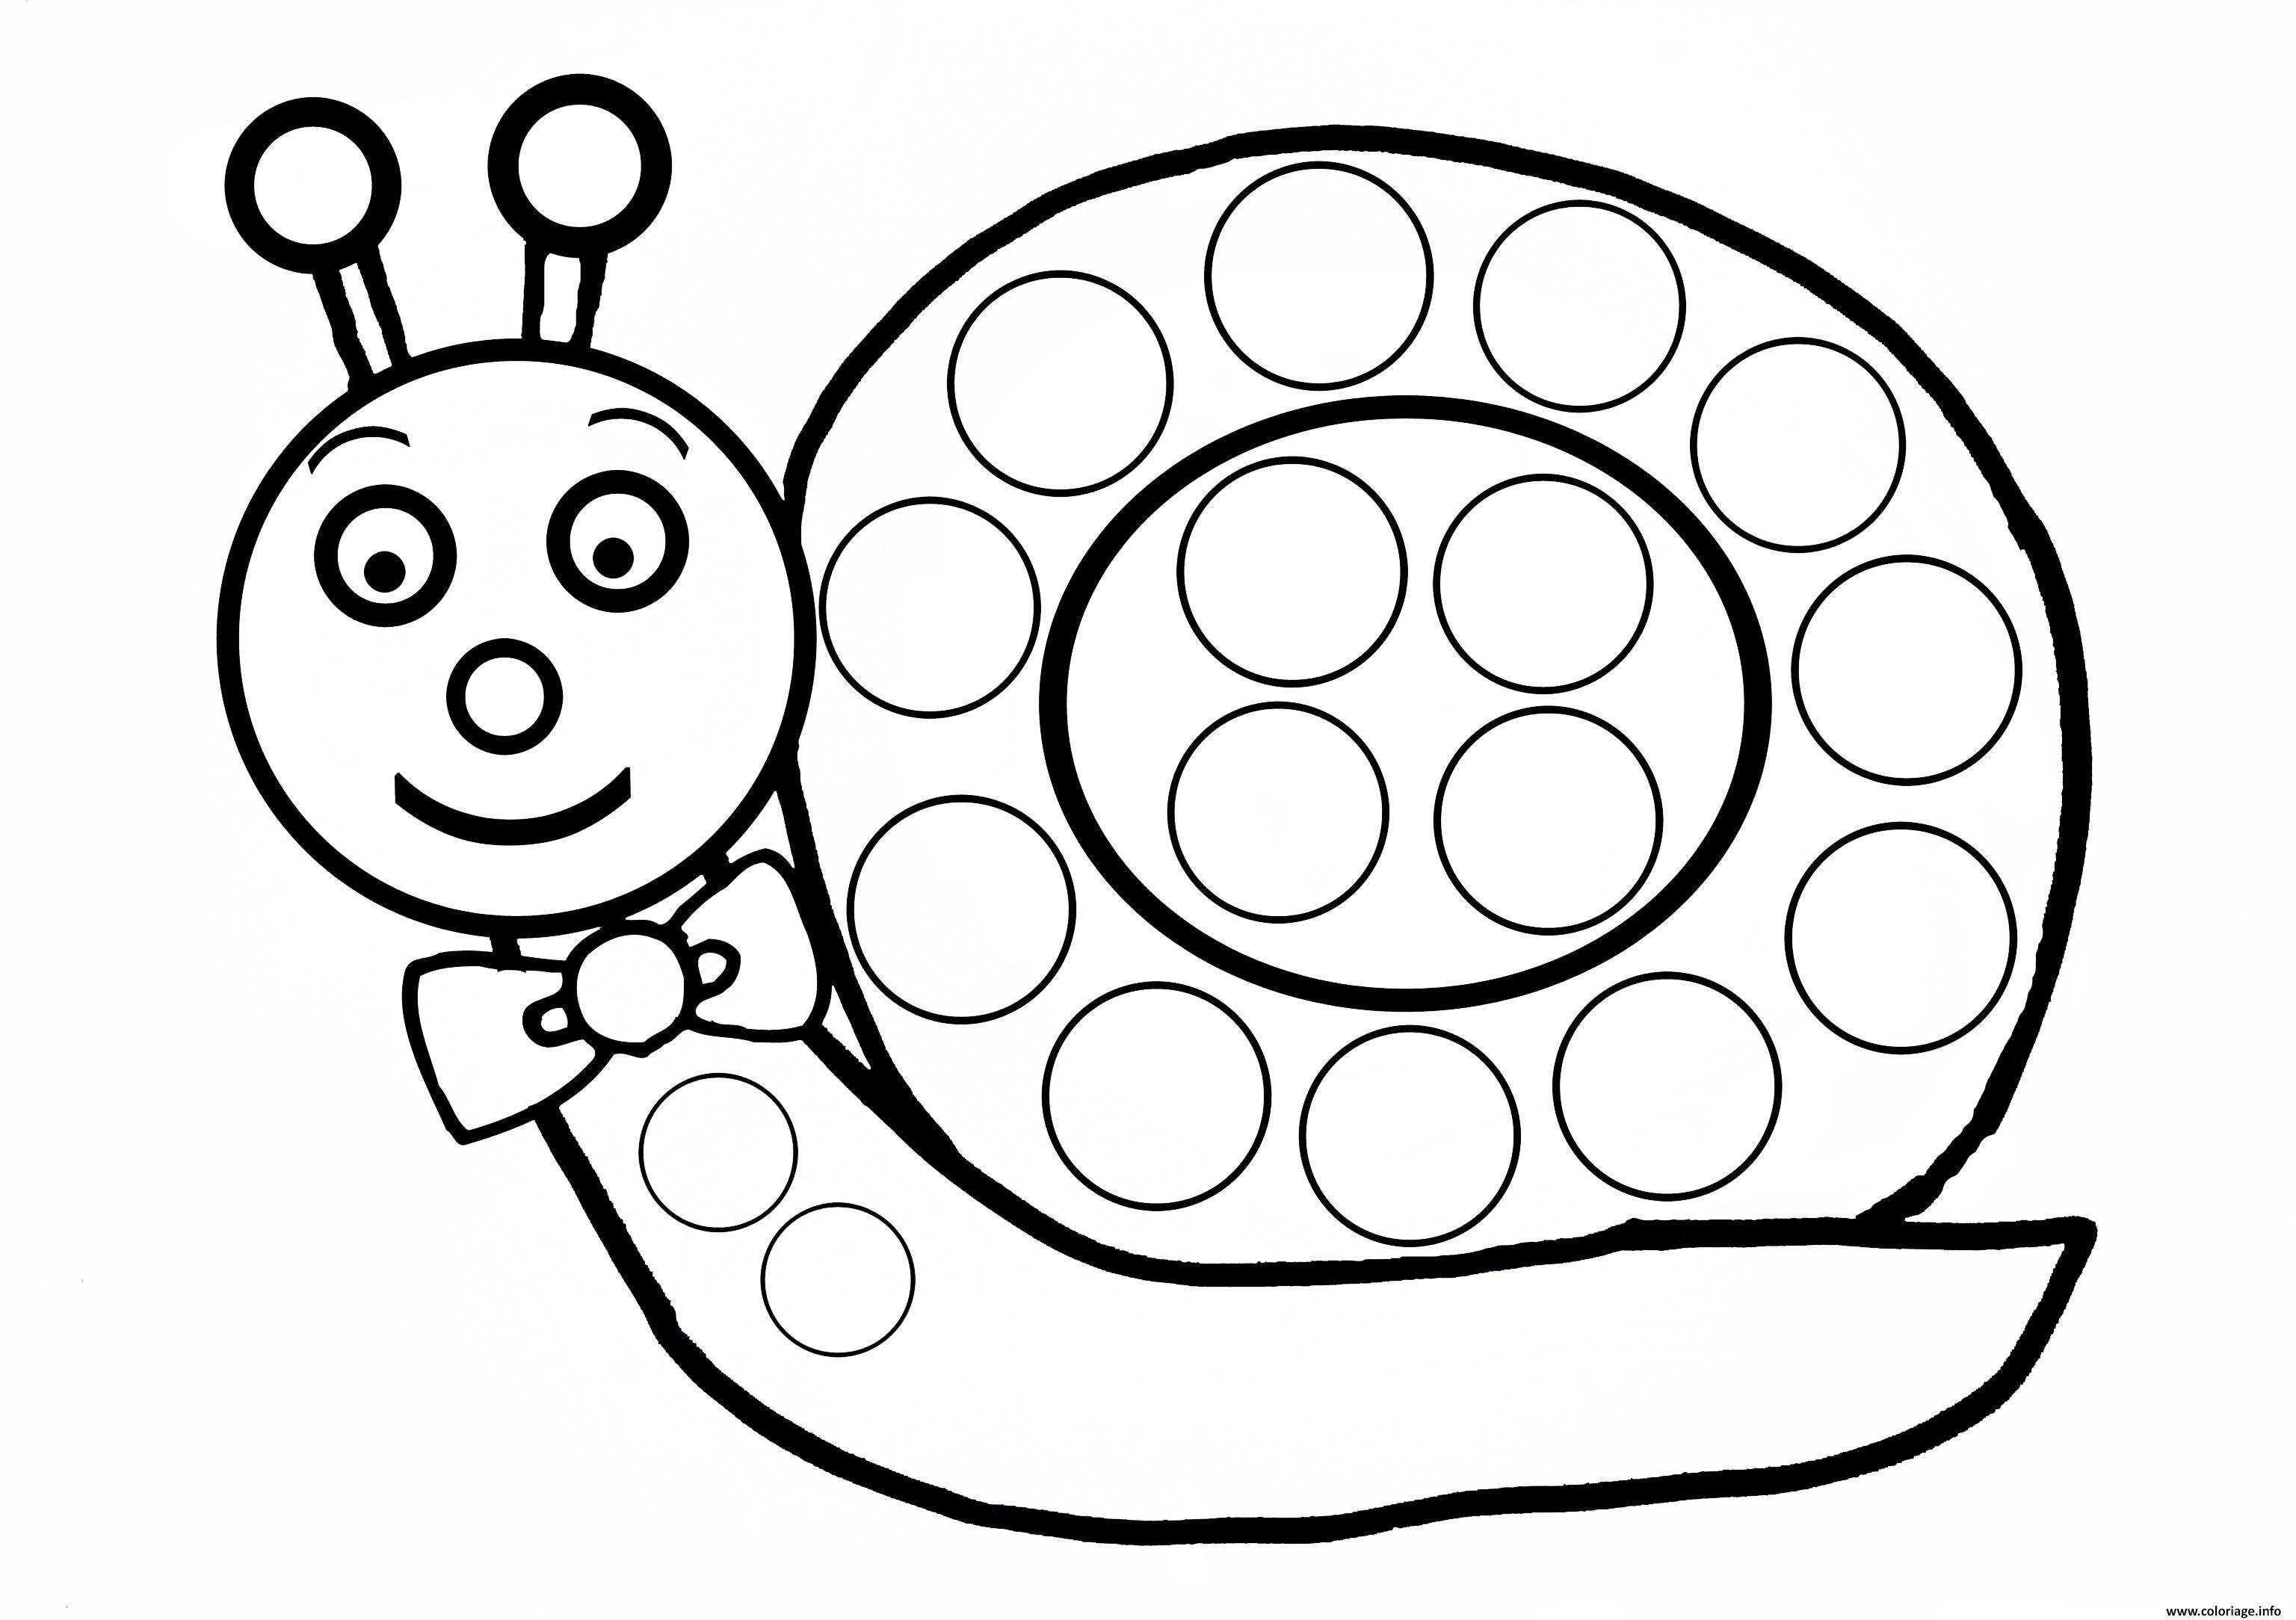 Coloriage Escargot A Gommette Enfant A Imprimer Coloriage Escargot Escargot Dessin Peinture Prescolaire